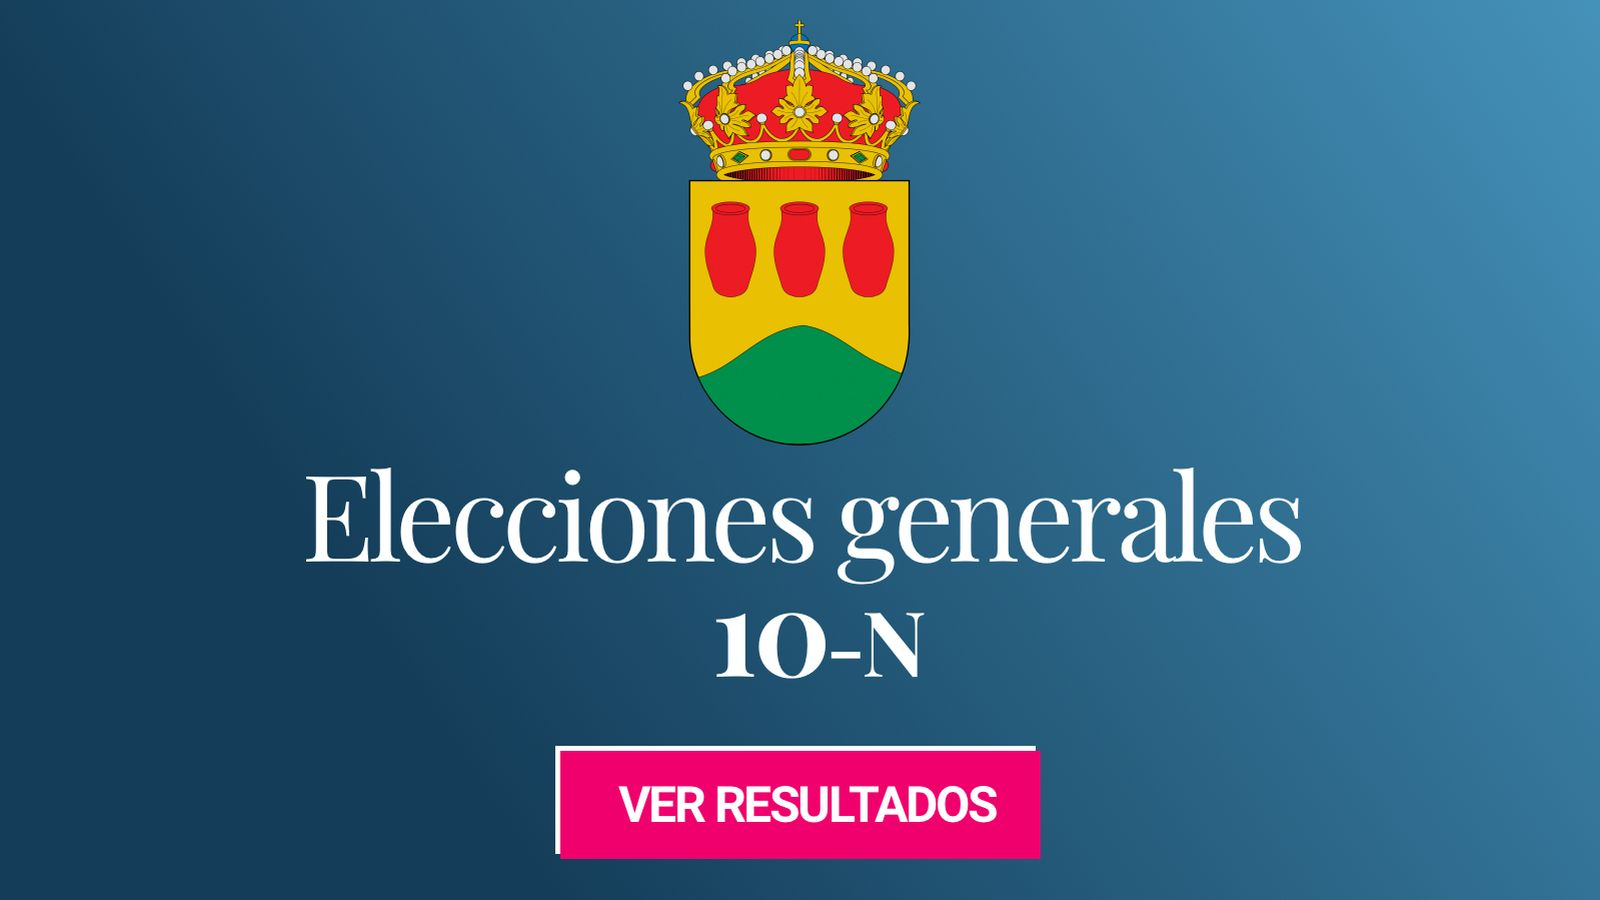 Foto: Elecciones generales 2019 en Alcorcón. (C.C./EC)